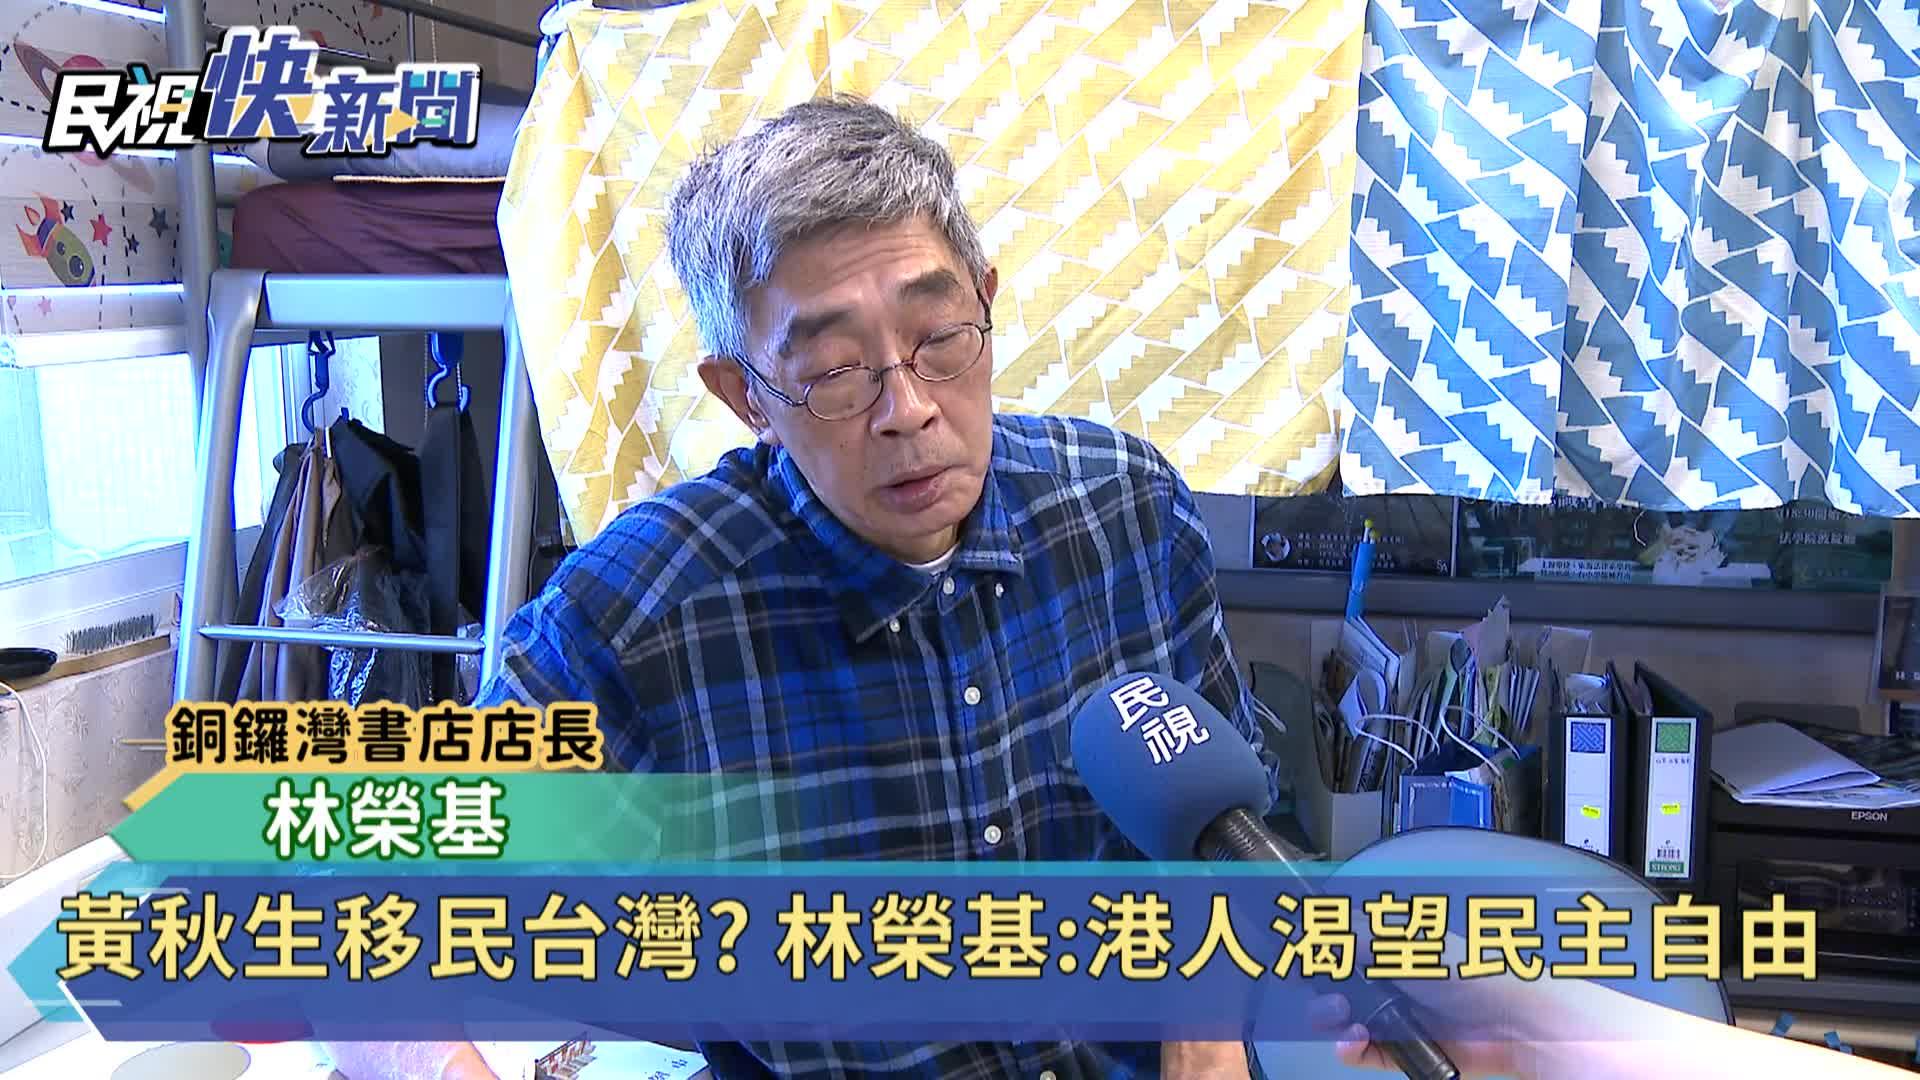 黃秋生移民台灣? 林榮基:港人渴望民主自由